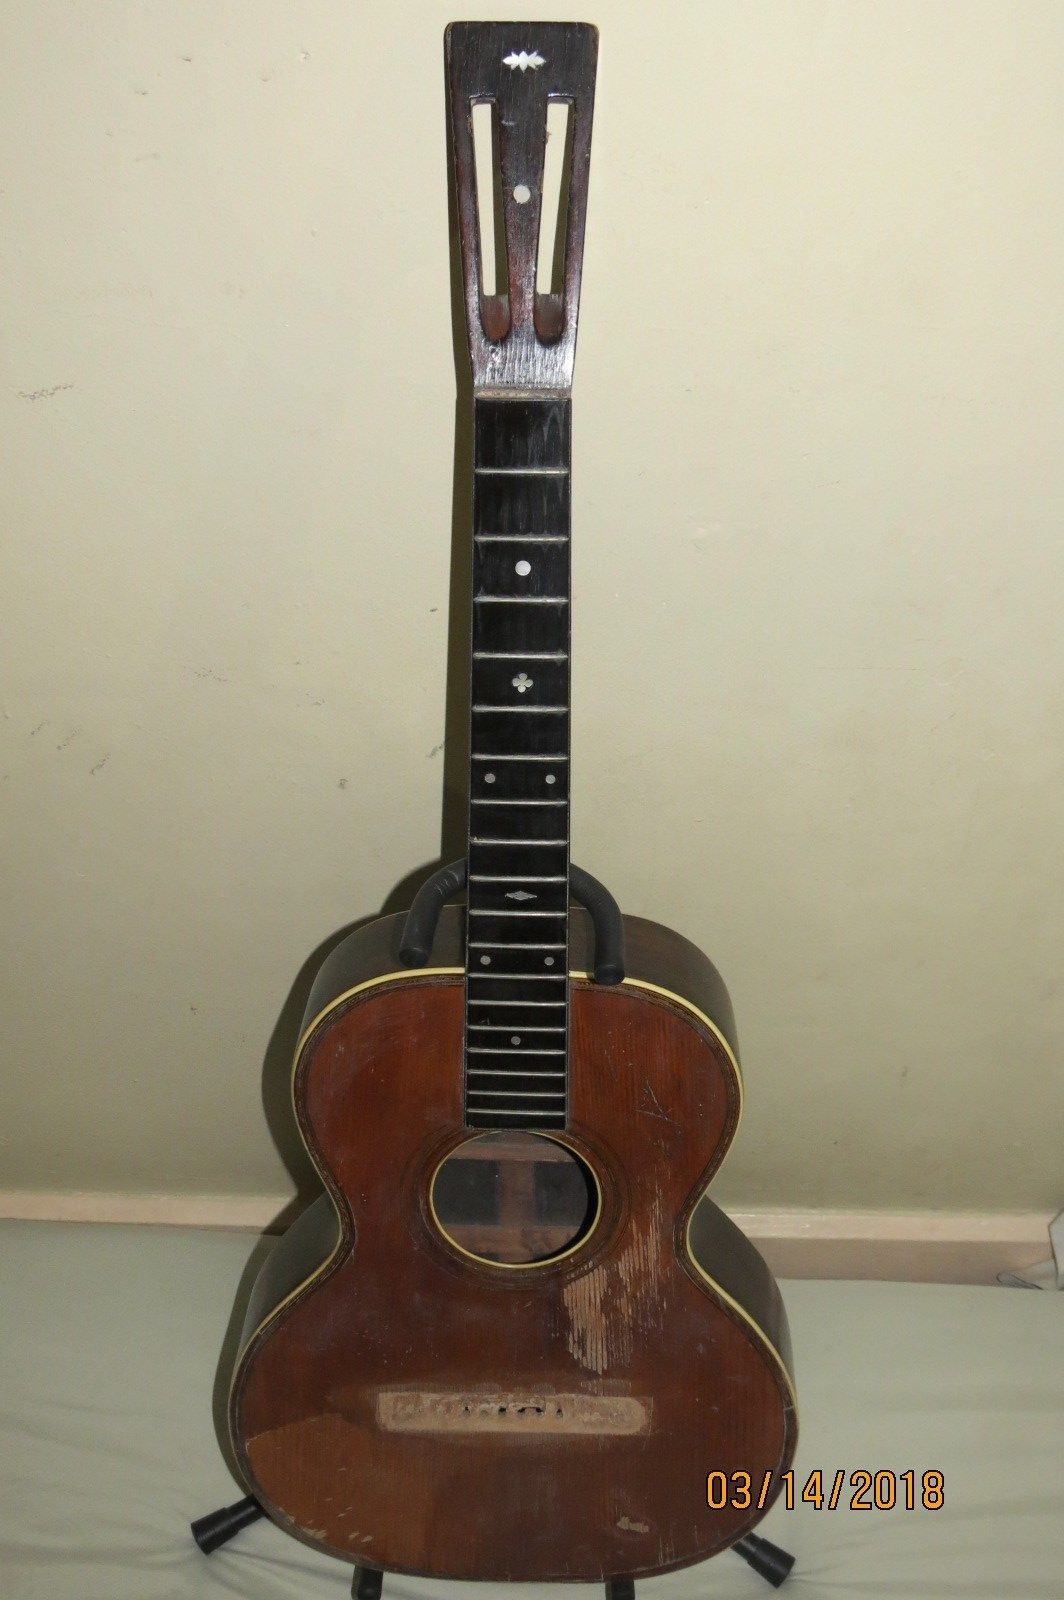 Details about WM C Stahl Maker Larson Bros. acoustic